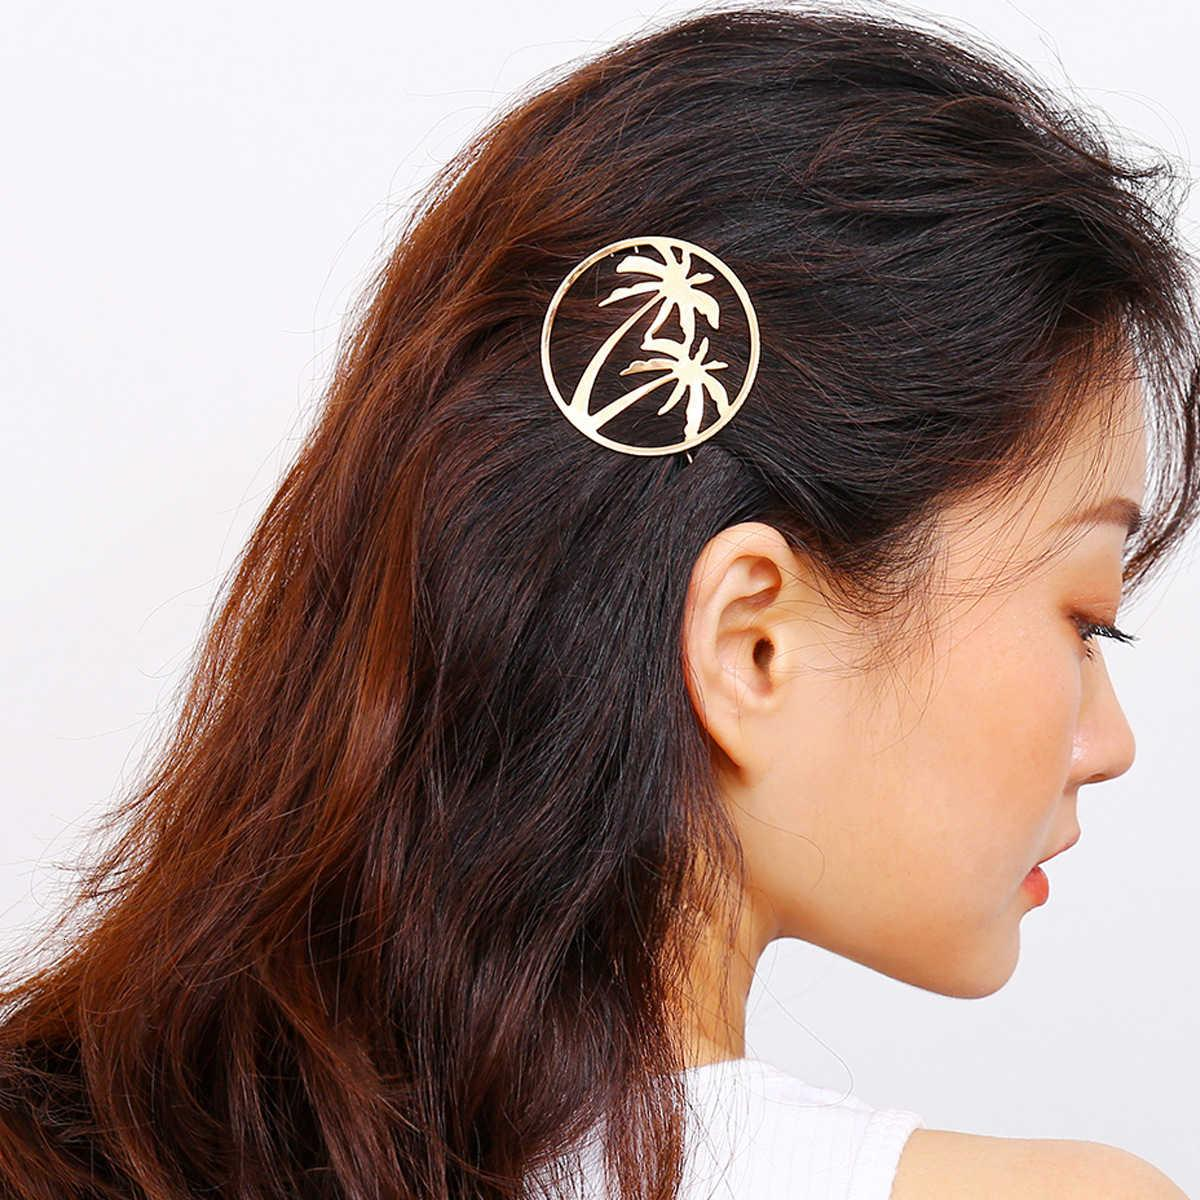 Takı Moda Basit Çok Yönlü Headdress Kişilik Yaratıcı Yeni Shanghai Tarzı Hindistan Cevizi Firkete Kenar Klip Kadın